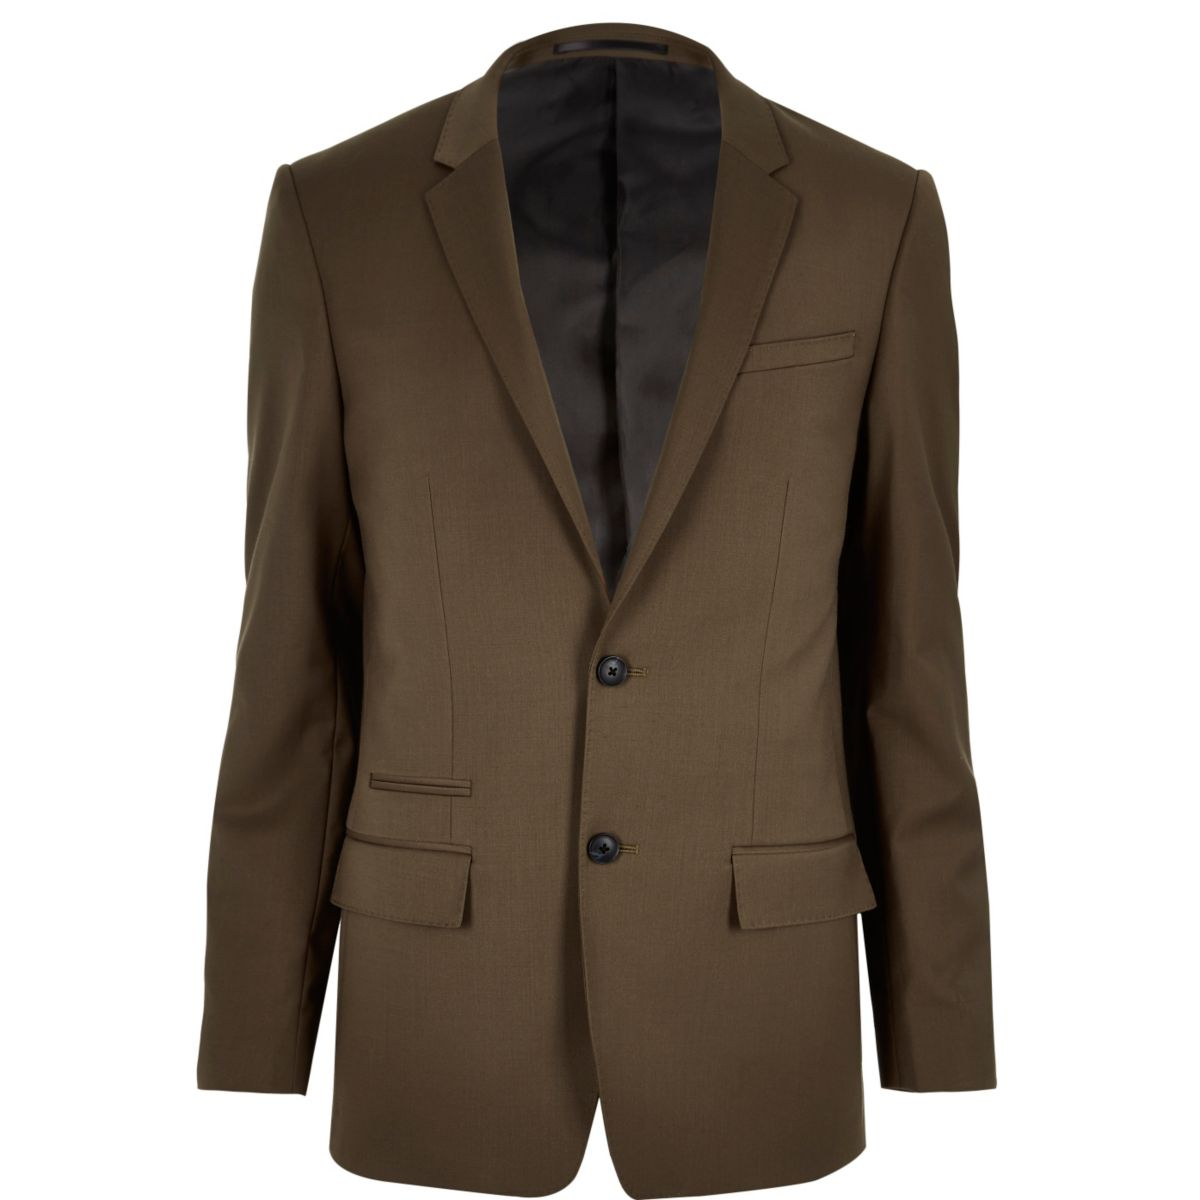 Brown skinny suit jacket